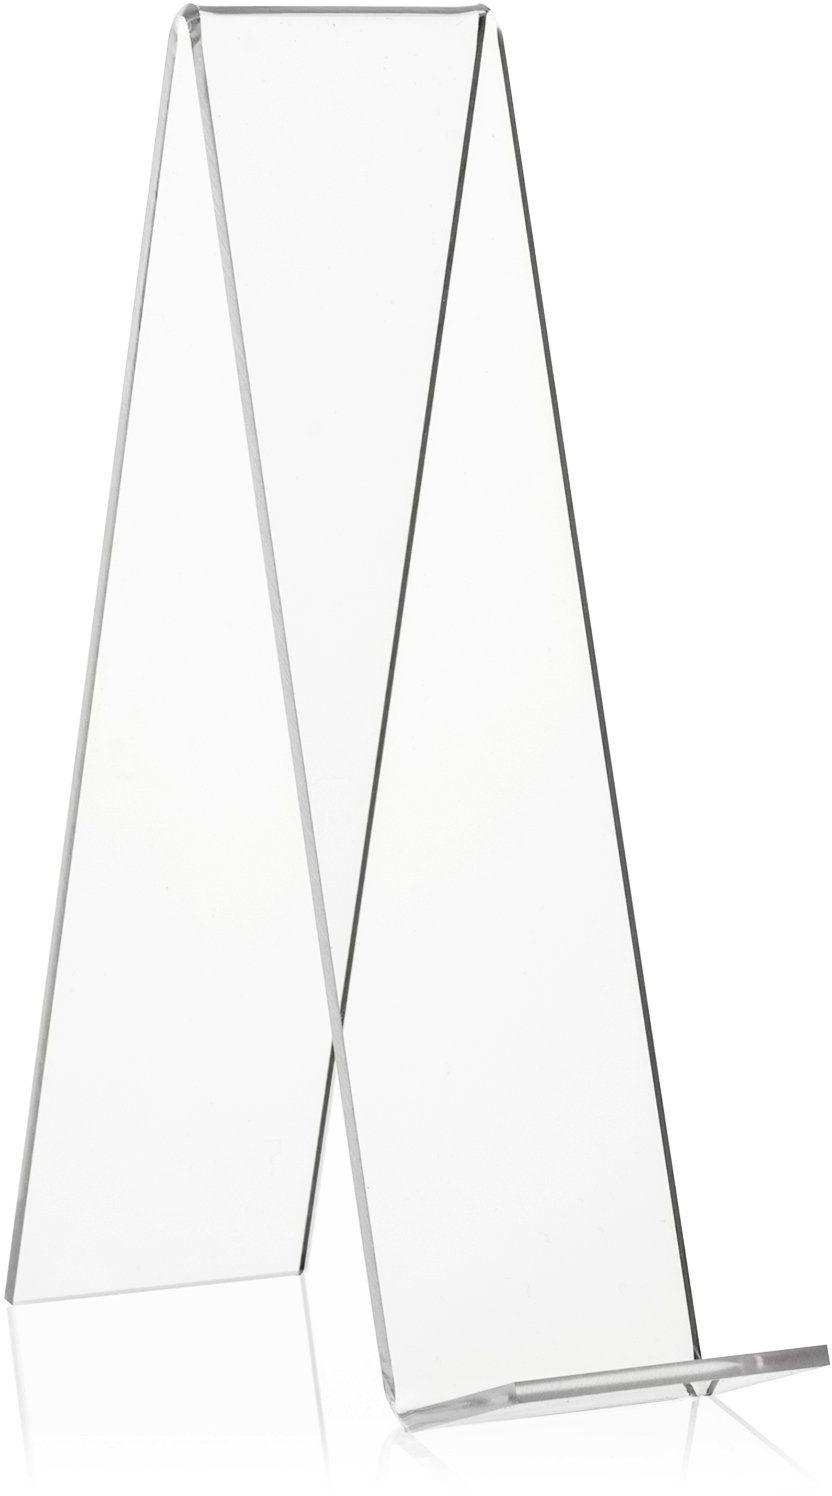 VITAdisplays podpórka na towary, szkło akrylowe PLEXIGLAS (PMMA), przezroczysta, 20 cm, 10